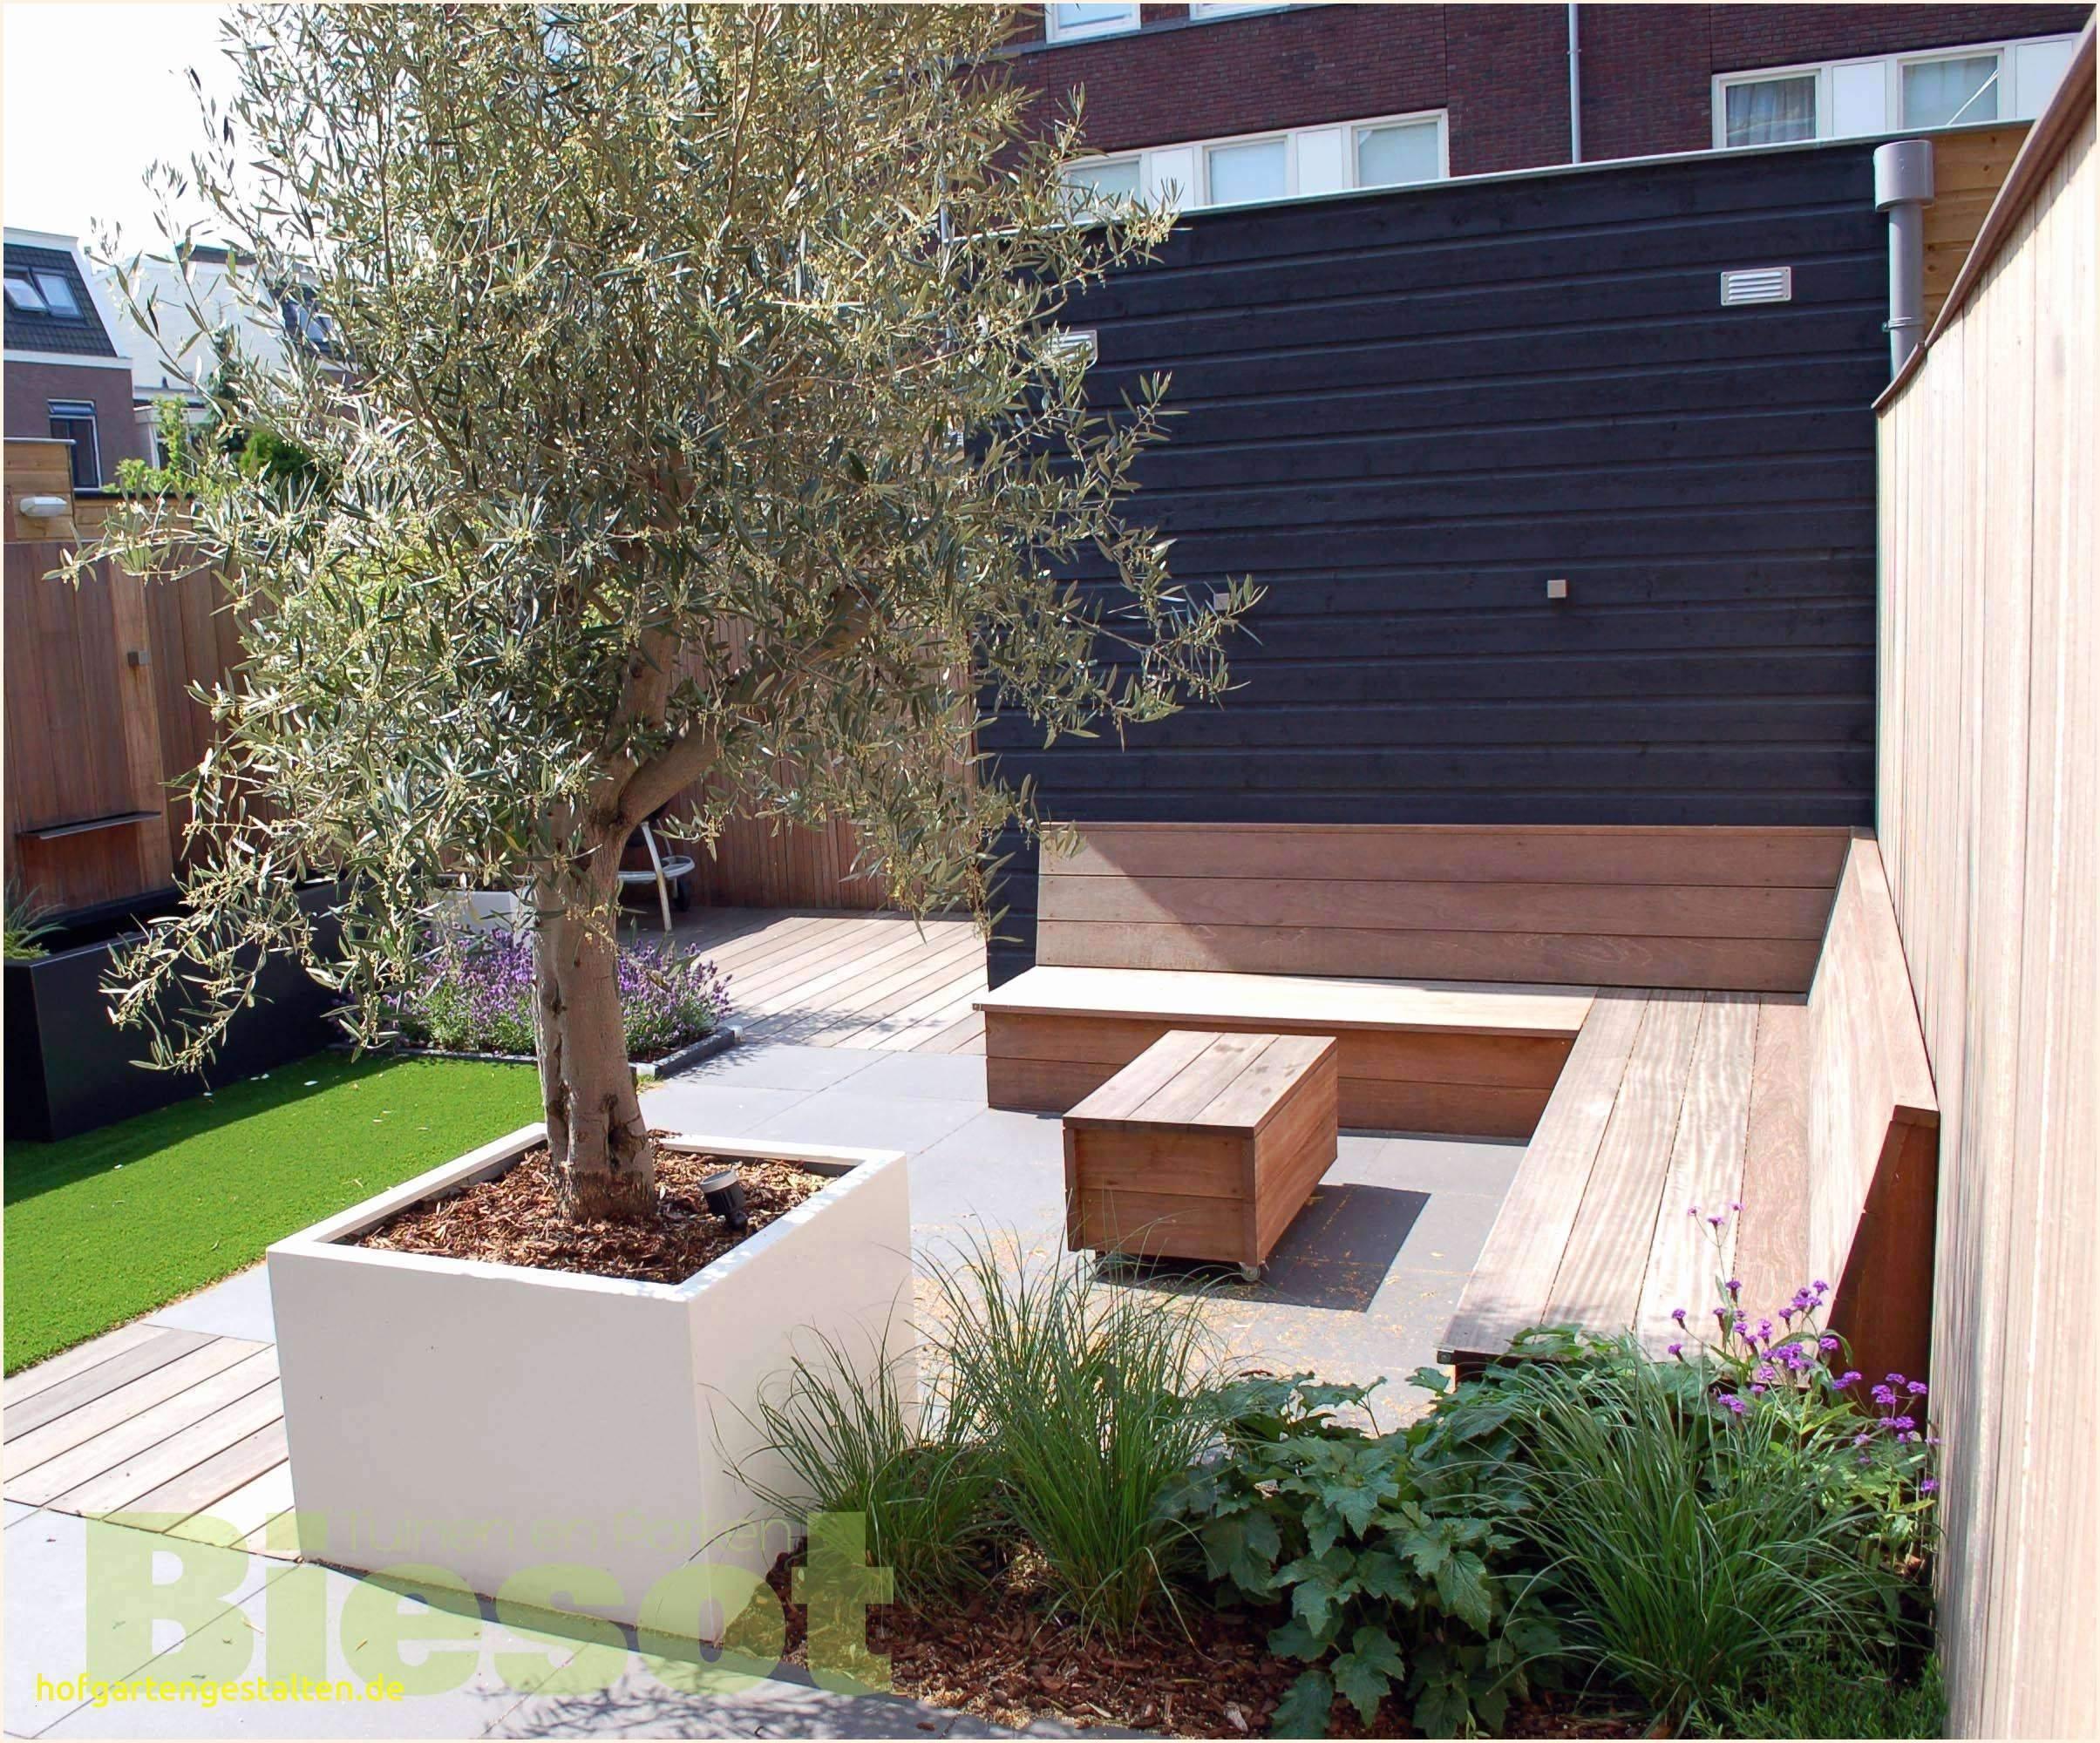 wohnzimmer schoner wohnen frisch wohnzimmer schoner wohnen elegant 41 neu schoner sichtschutz of wohnzimmer schoner wohnen